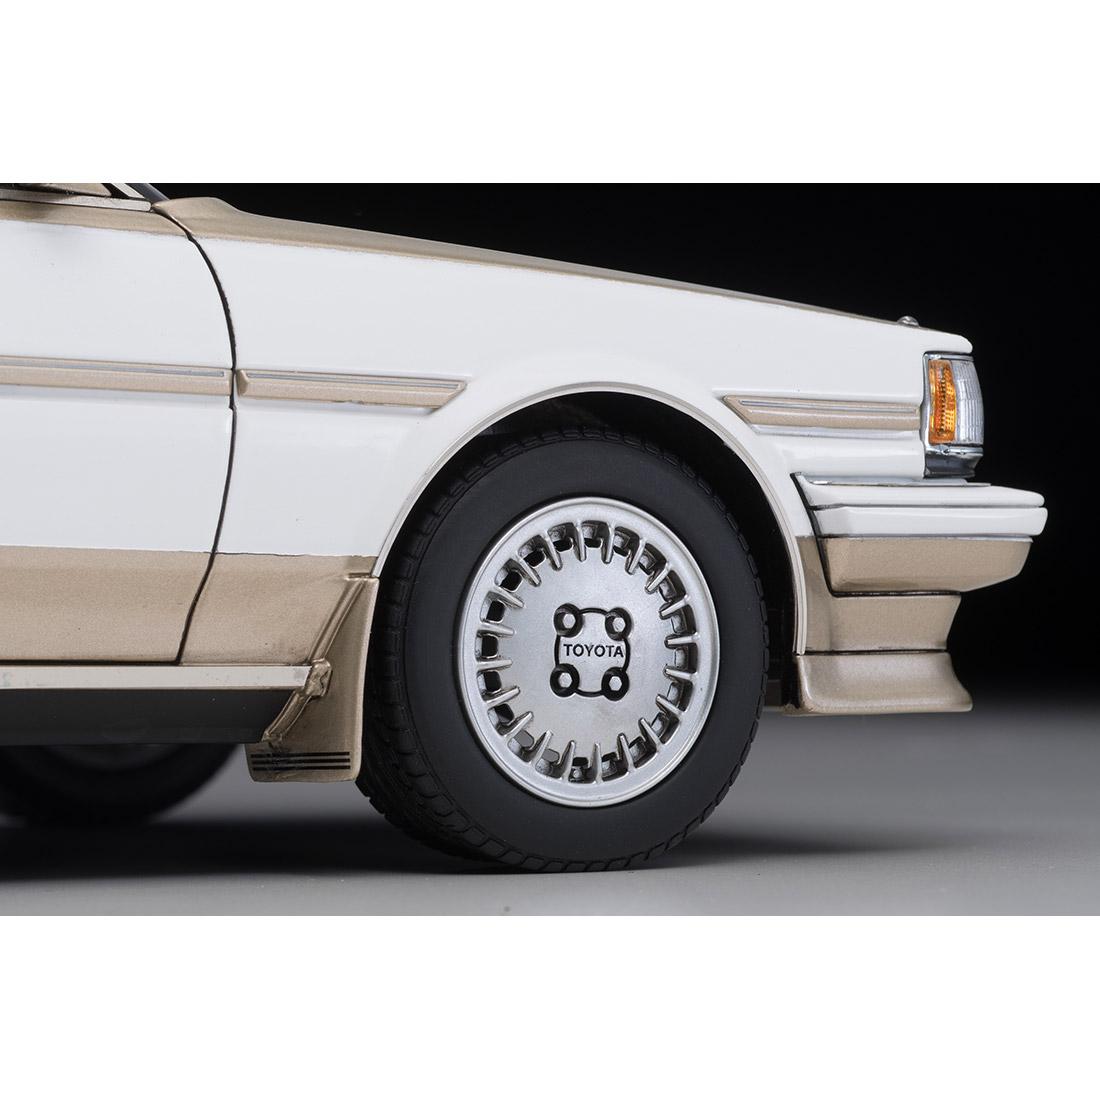 イグニッションモデル×トミーテック T-IG1809『クレスタ スーパールーセント エクシード(パールホワイト)』1/18 ミニカー-017